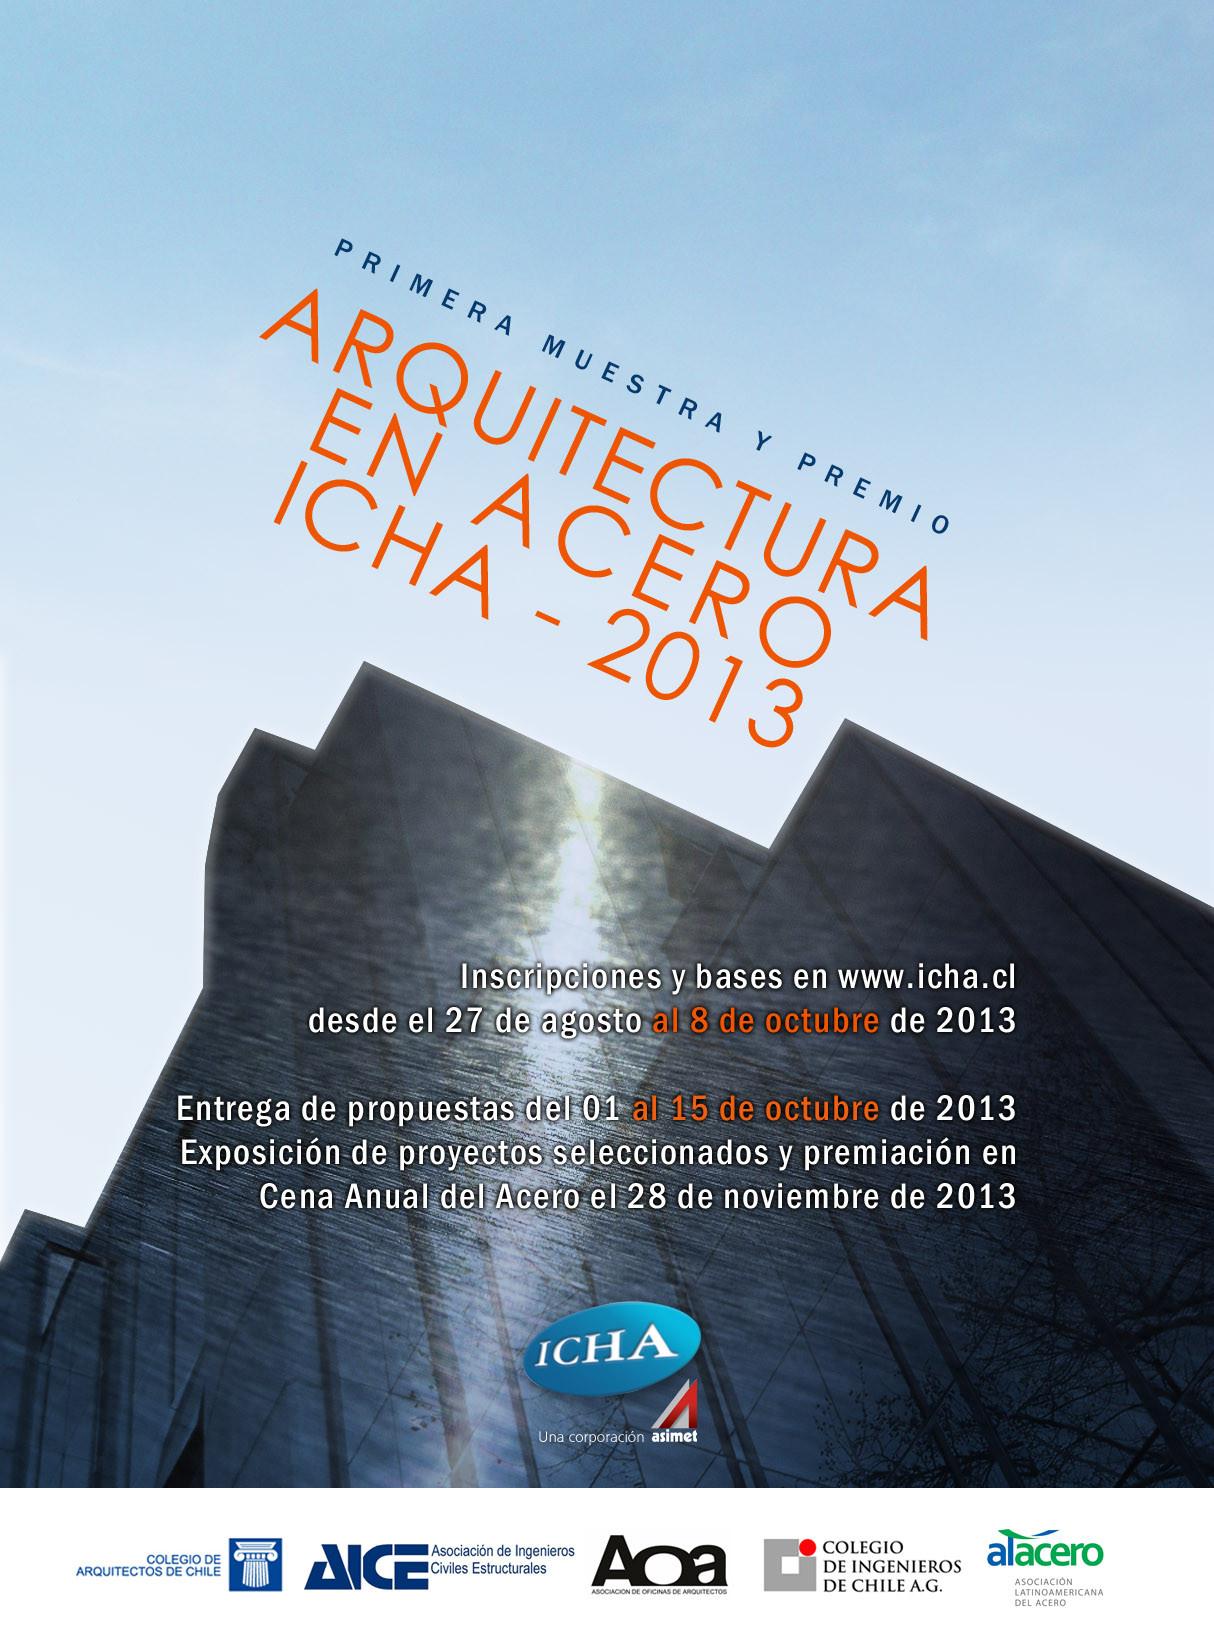 Convocatoria para muestra arquitectónica de obras construidas en acero / ICHA